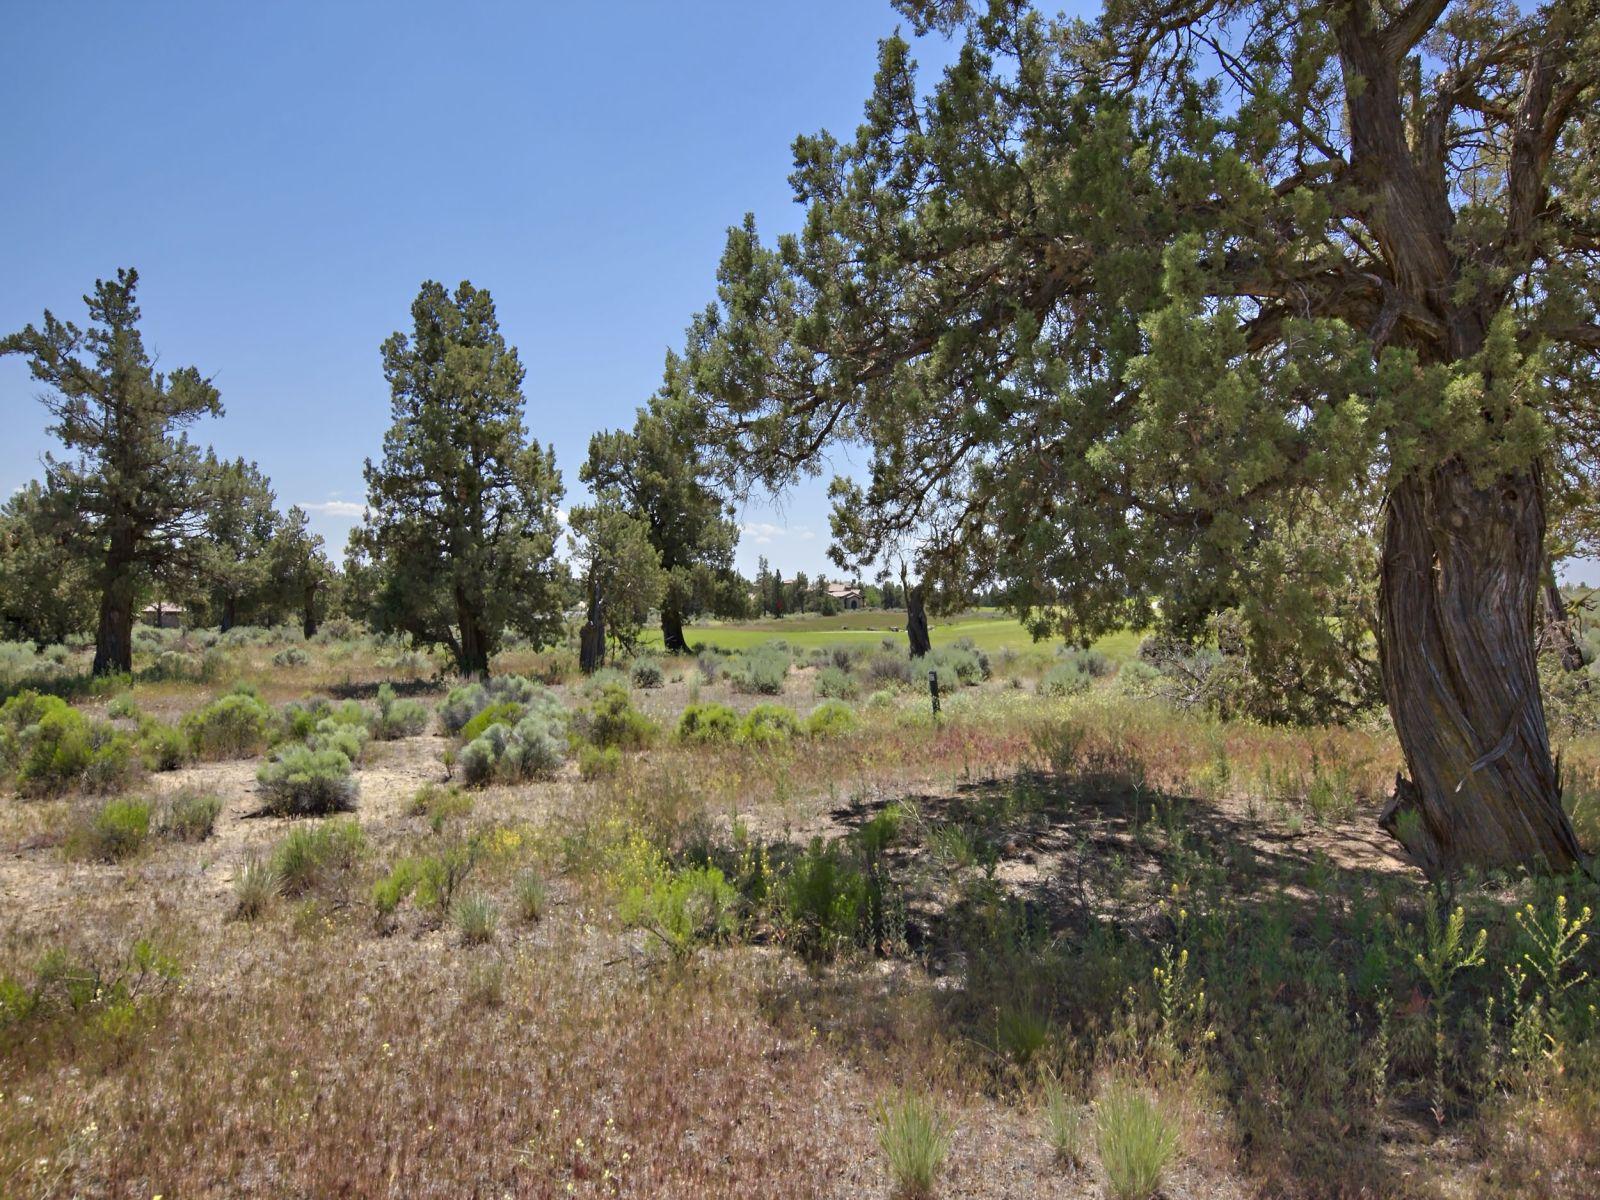 Terreno por un Venta en Pronghorn 23127 Watercourse Way Lot 51 Bend, Oregon, 97701 Estados Unidos